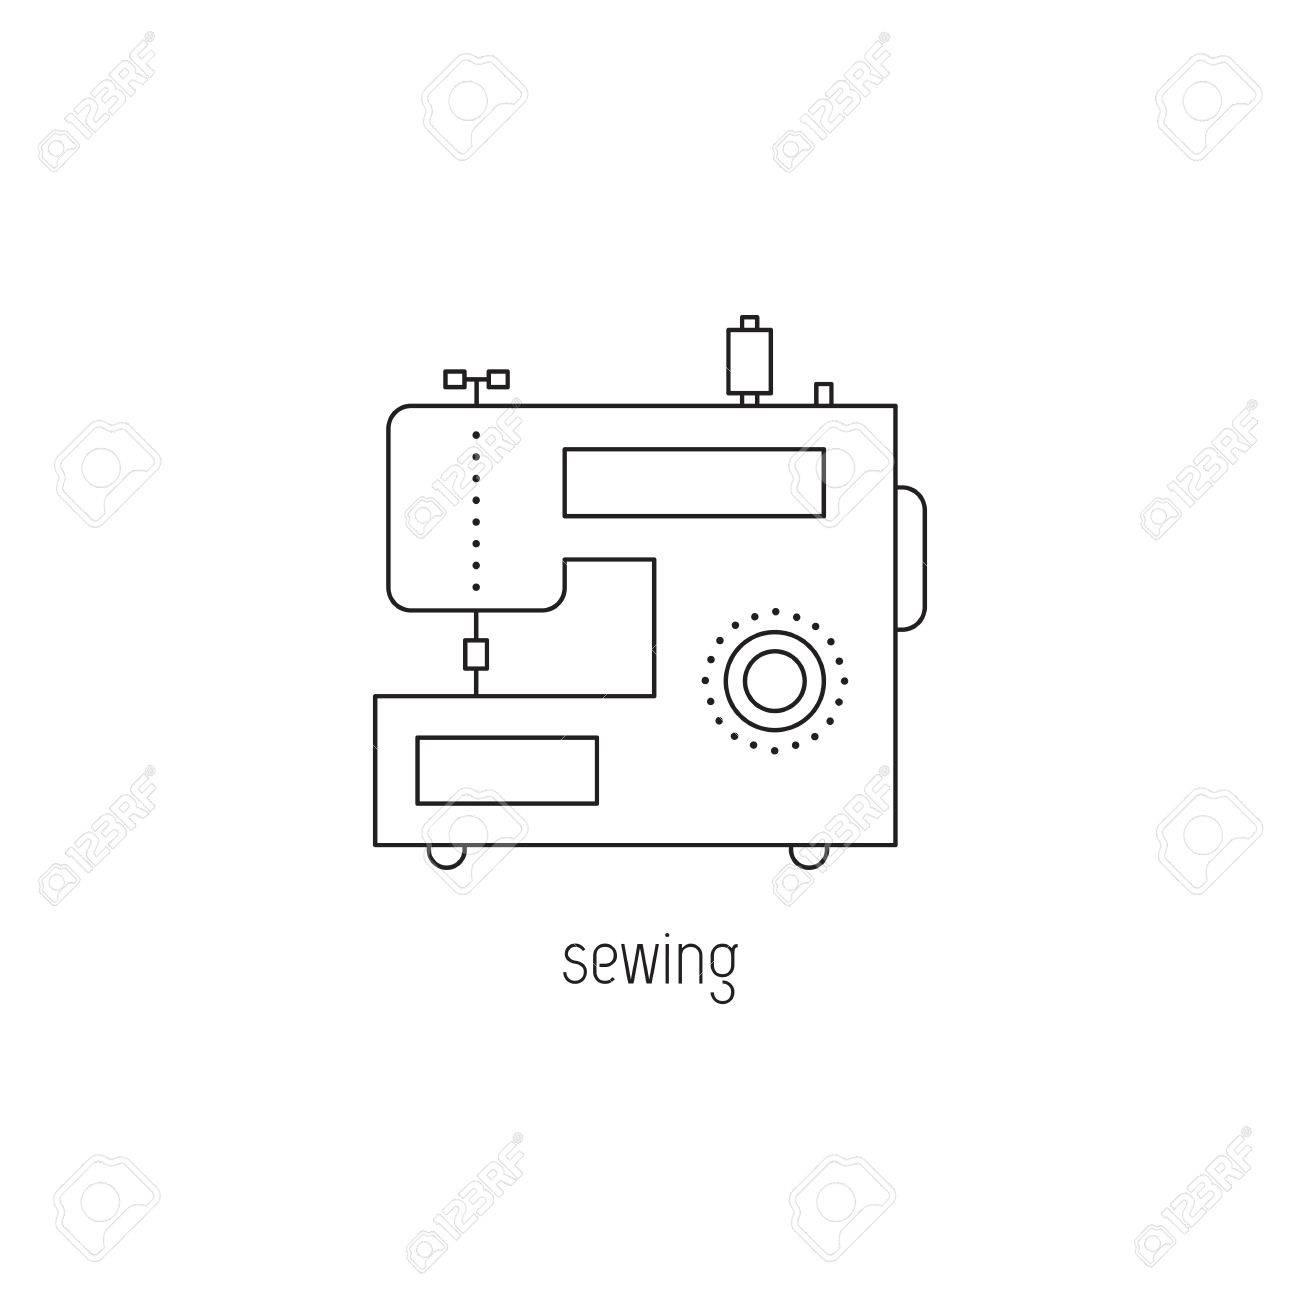 Pin On Printable Patterns At Patternuniverse Com 4